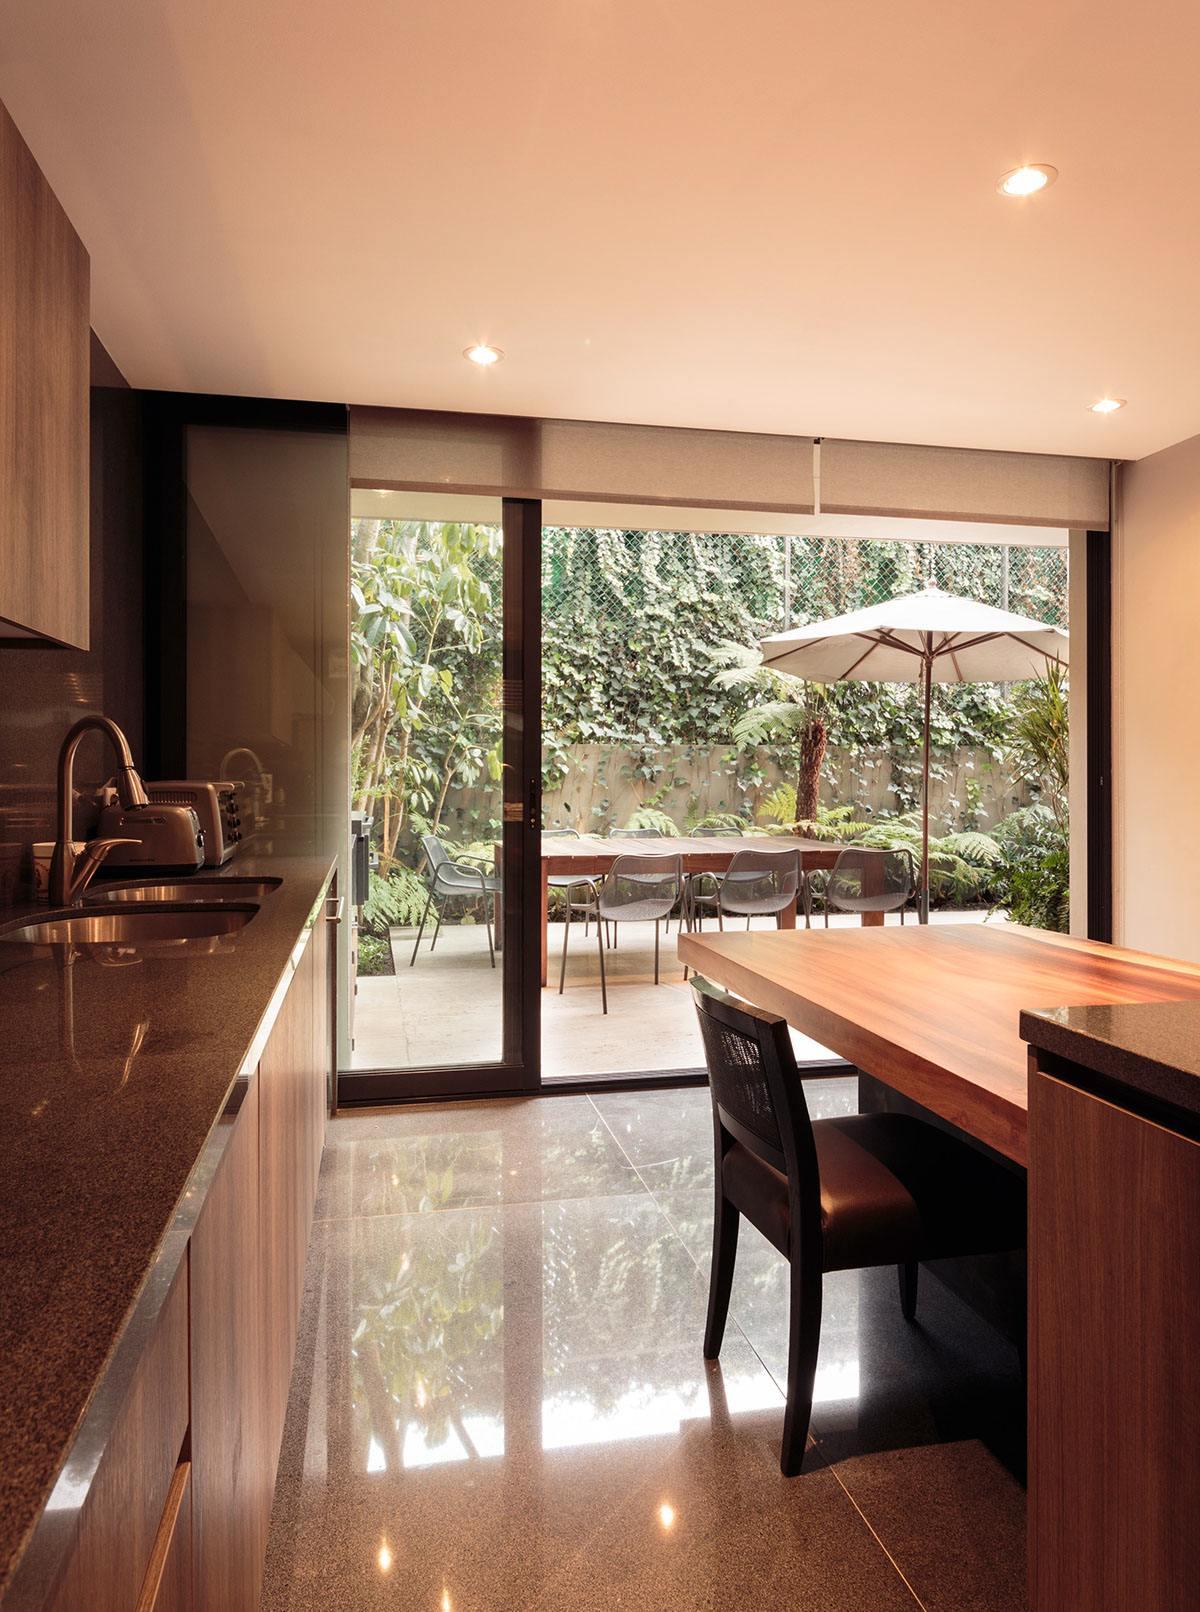 Outdoor dining room ideas